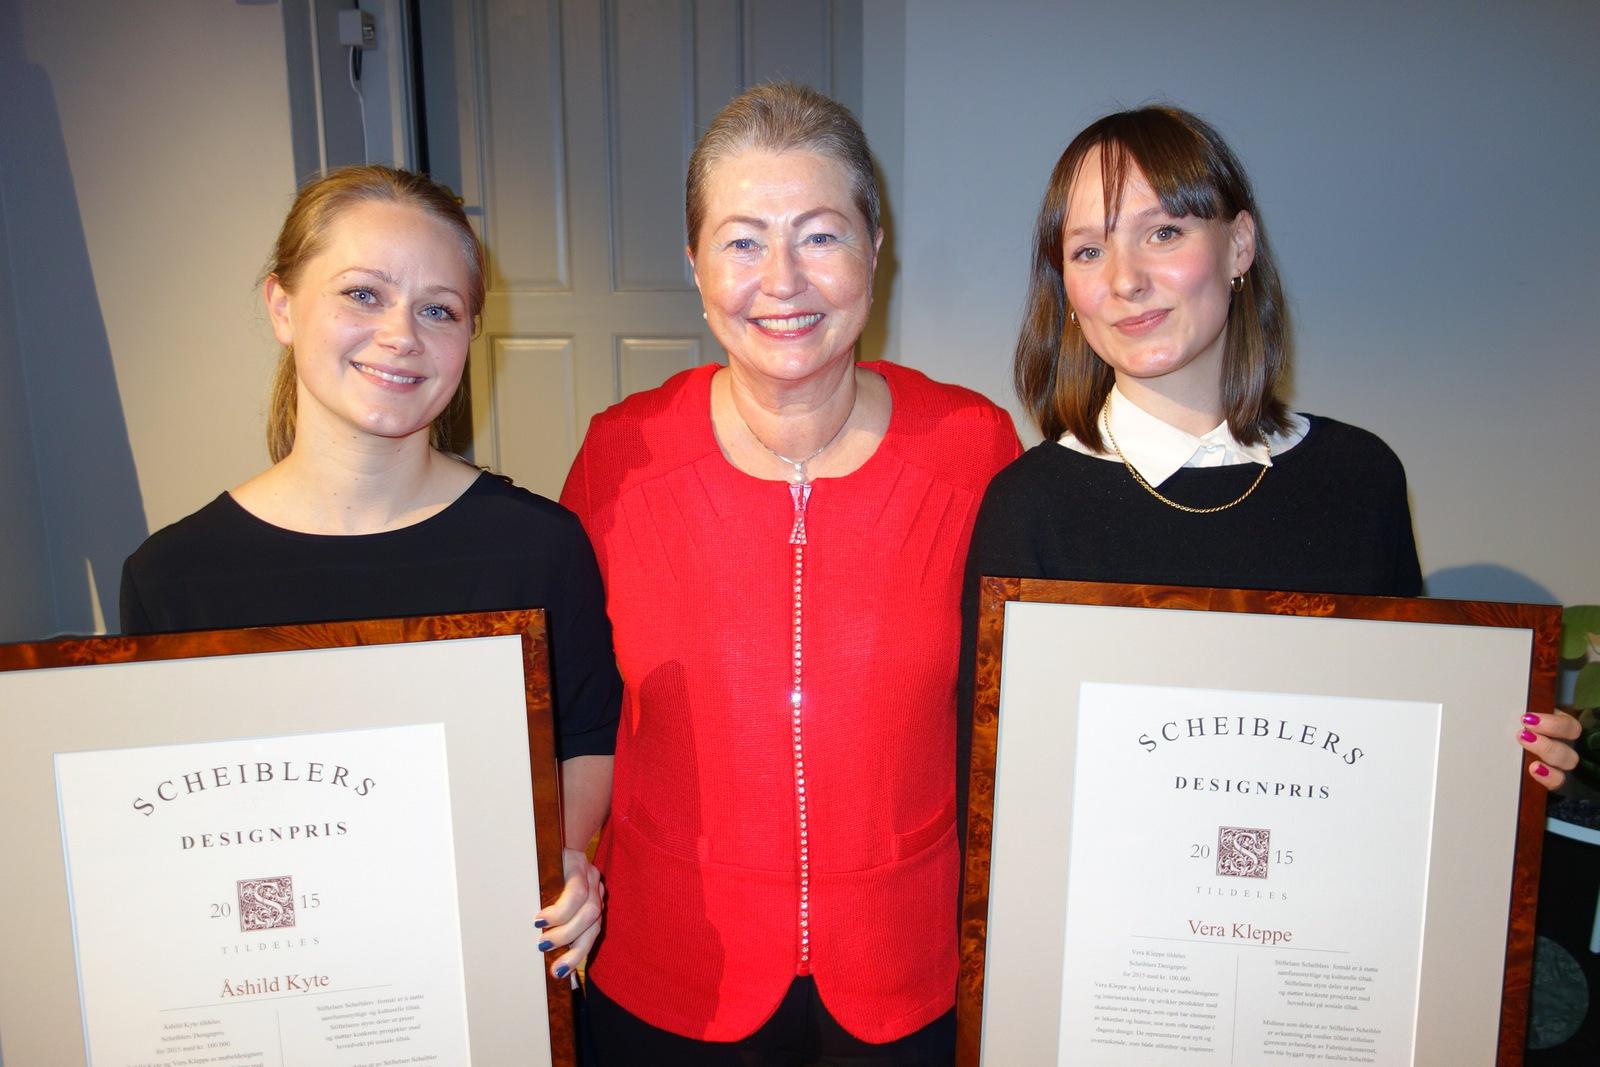 2015 Scheiblers Designpris